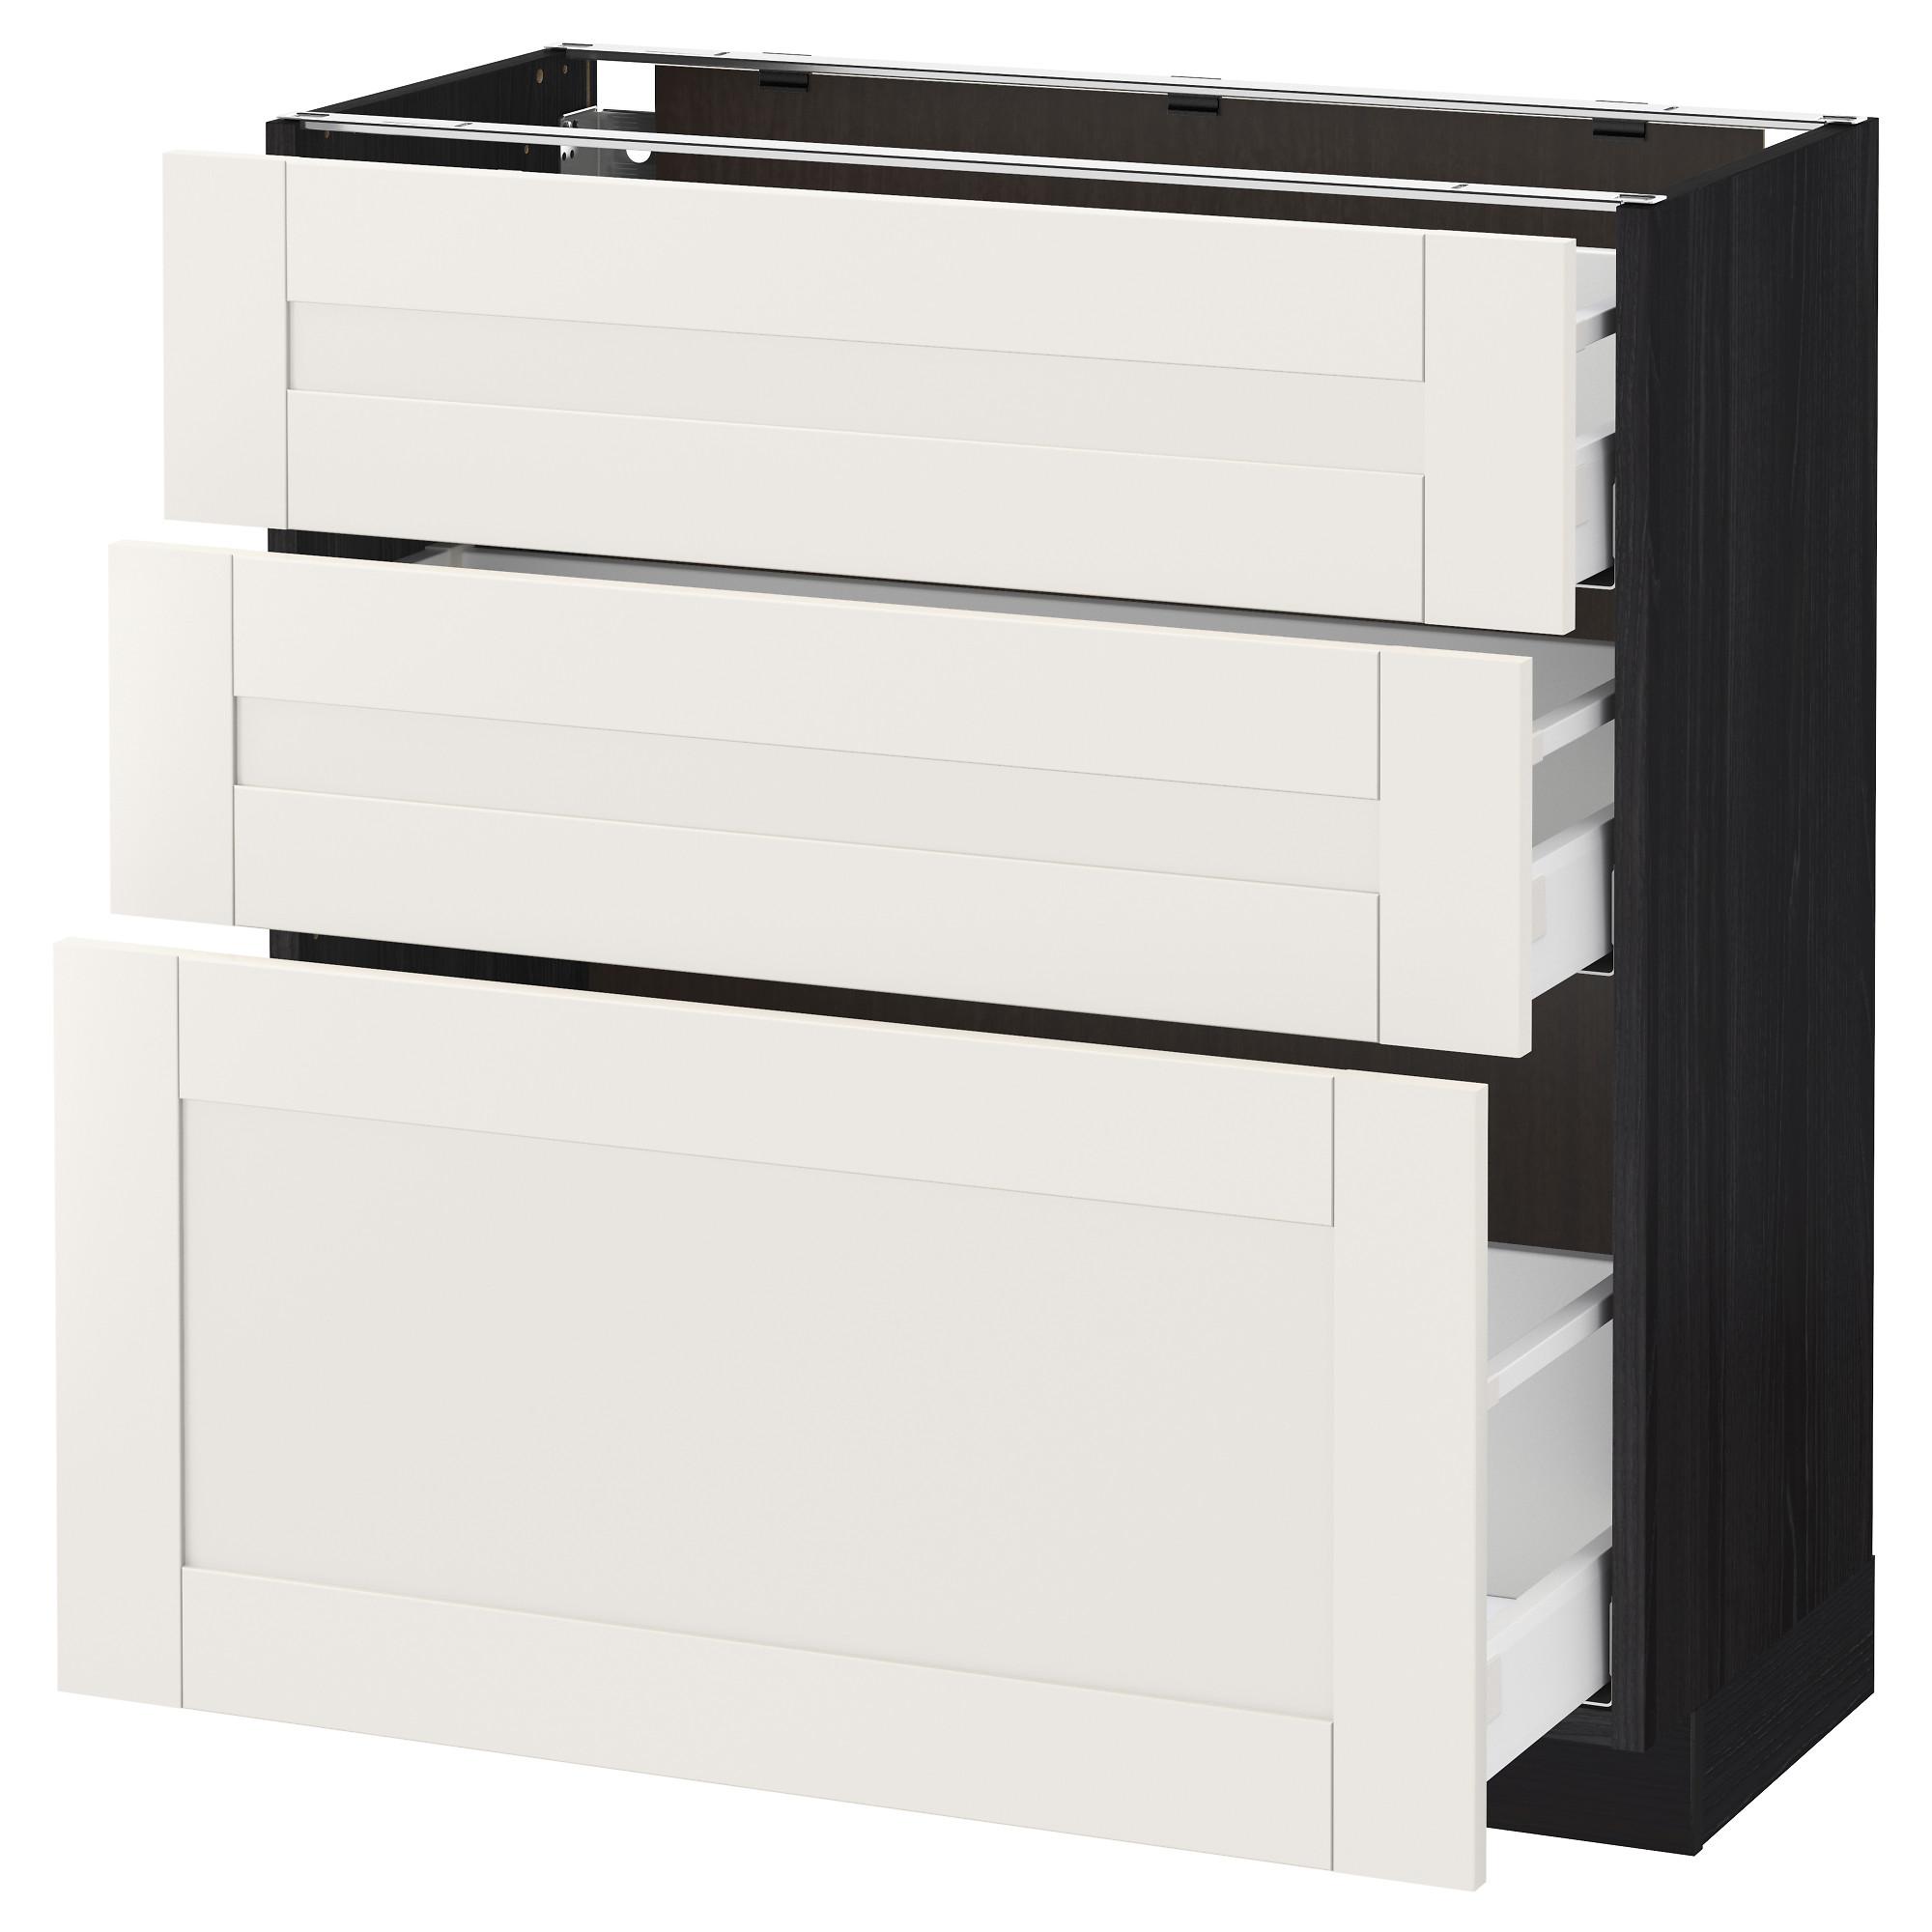 Напольный шкаф с 3 ящиками МЕТОД / МАКСИМЕРА, черный, Сэведаль белый